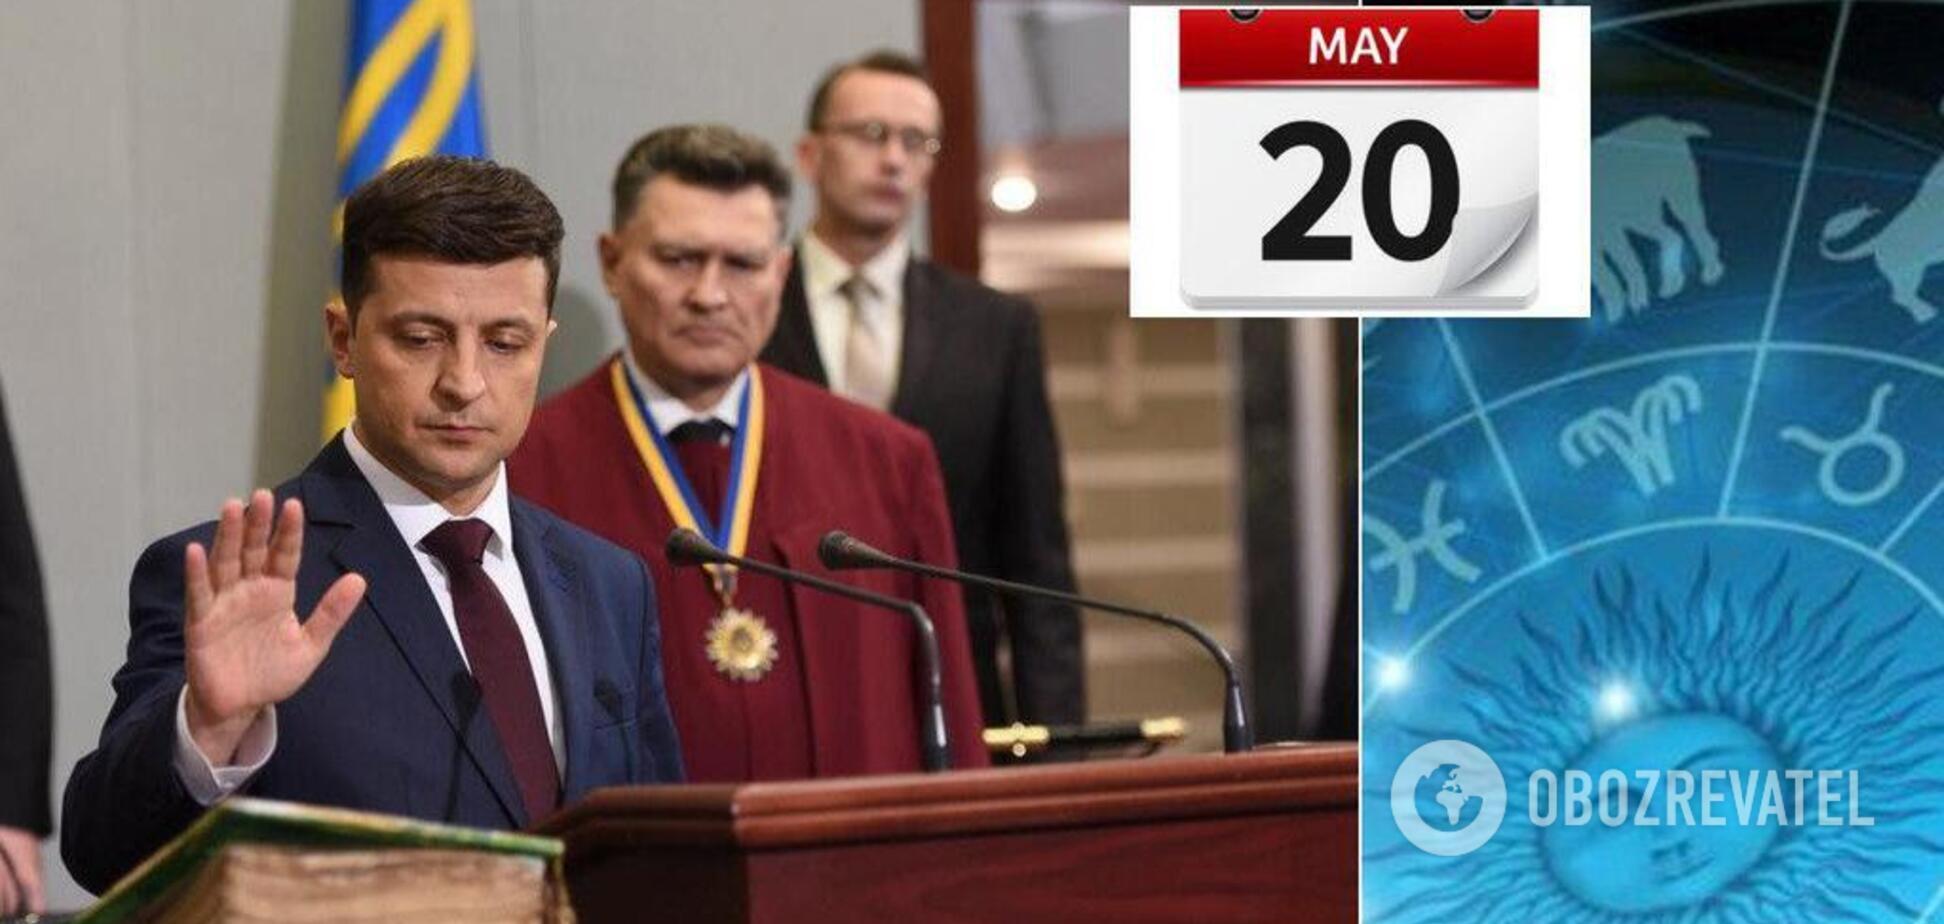 Інавгурація Зеленського 20 травня: астролог попередив про небезпеку